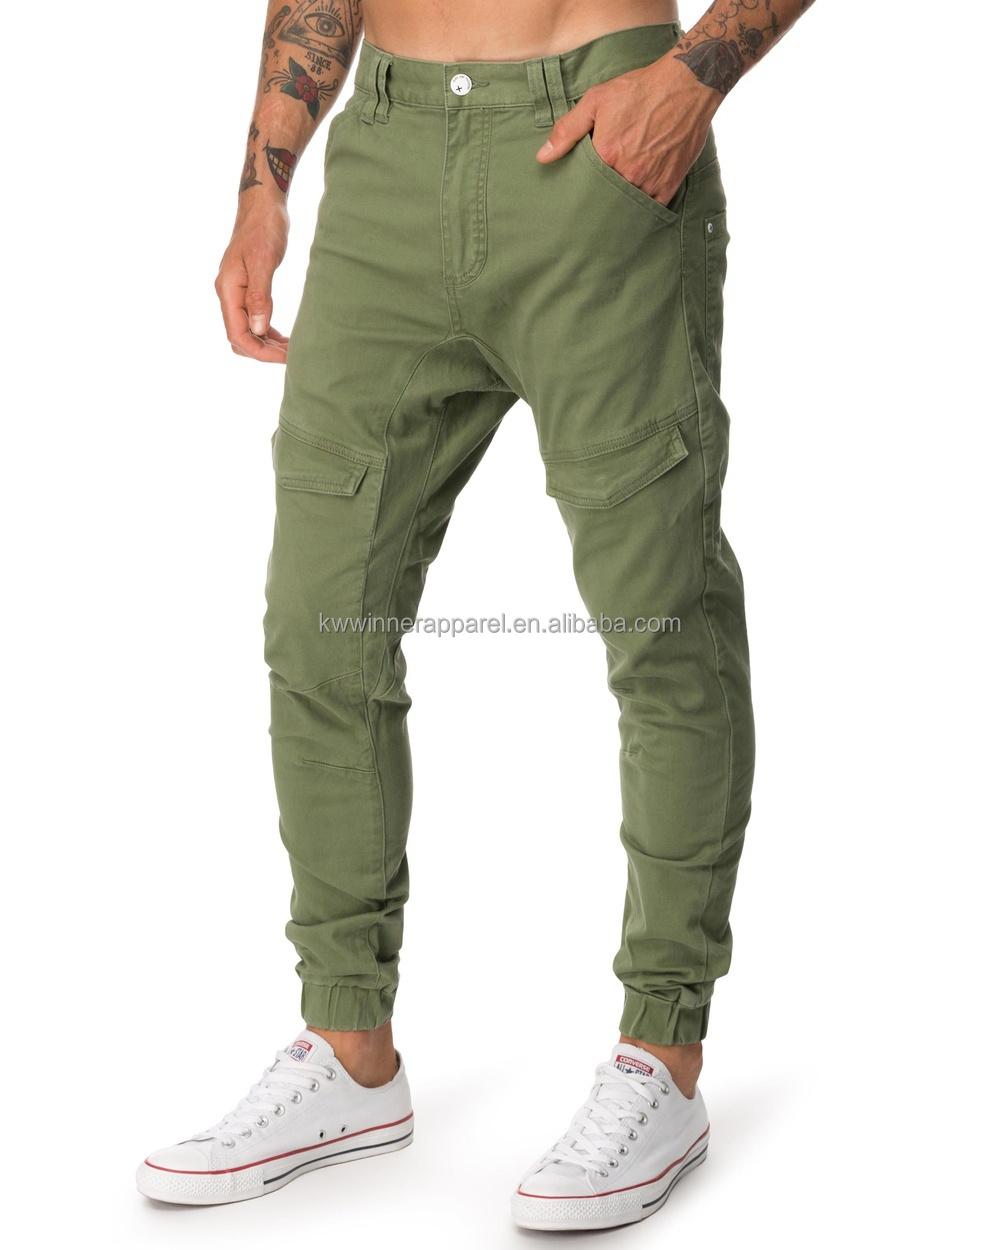 Groene broek man